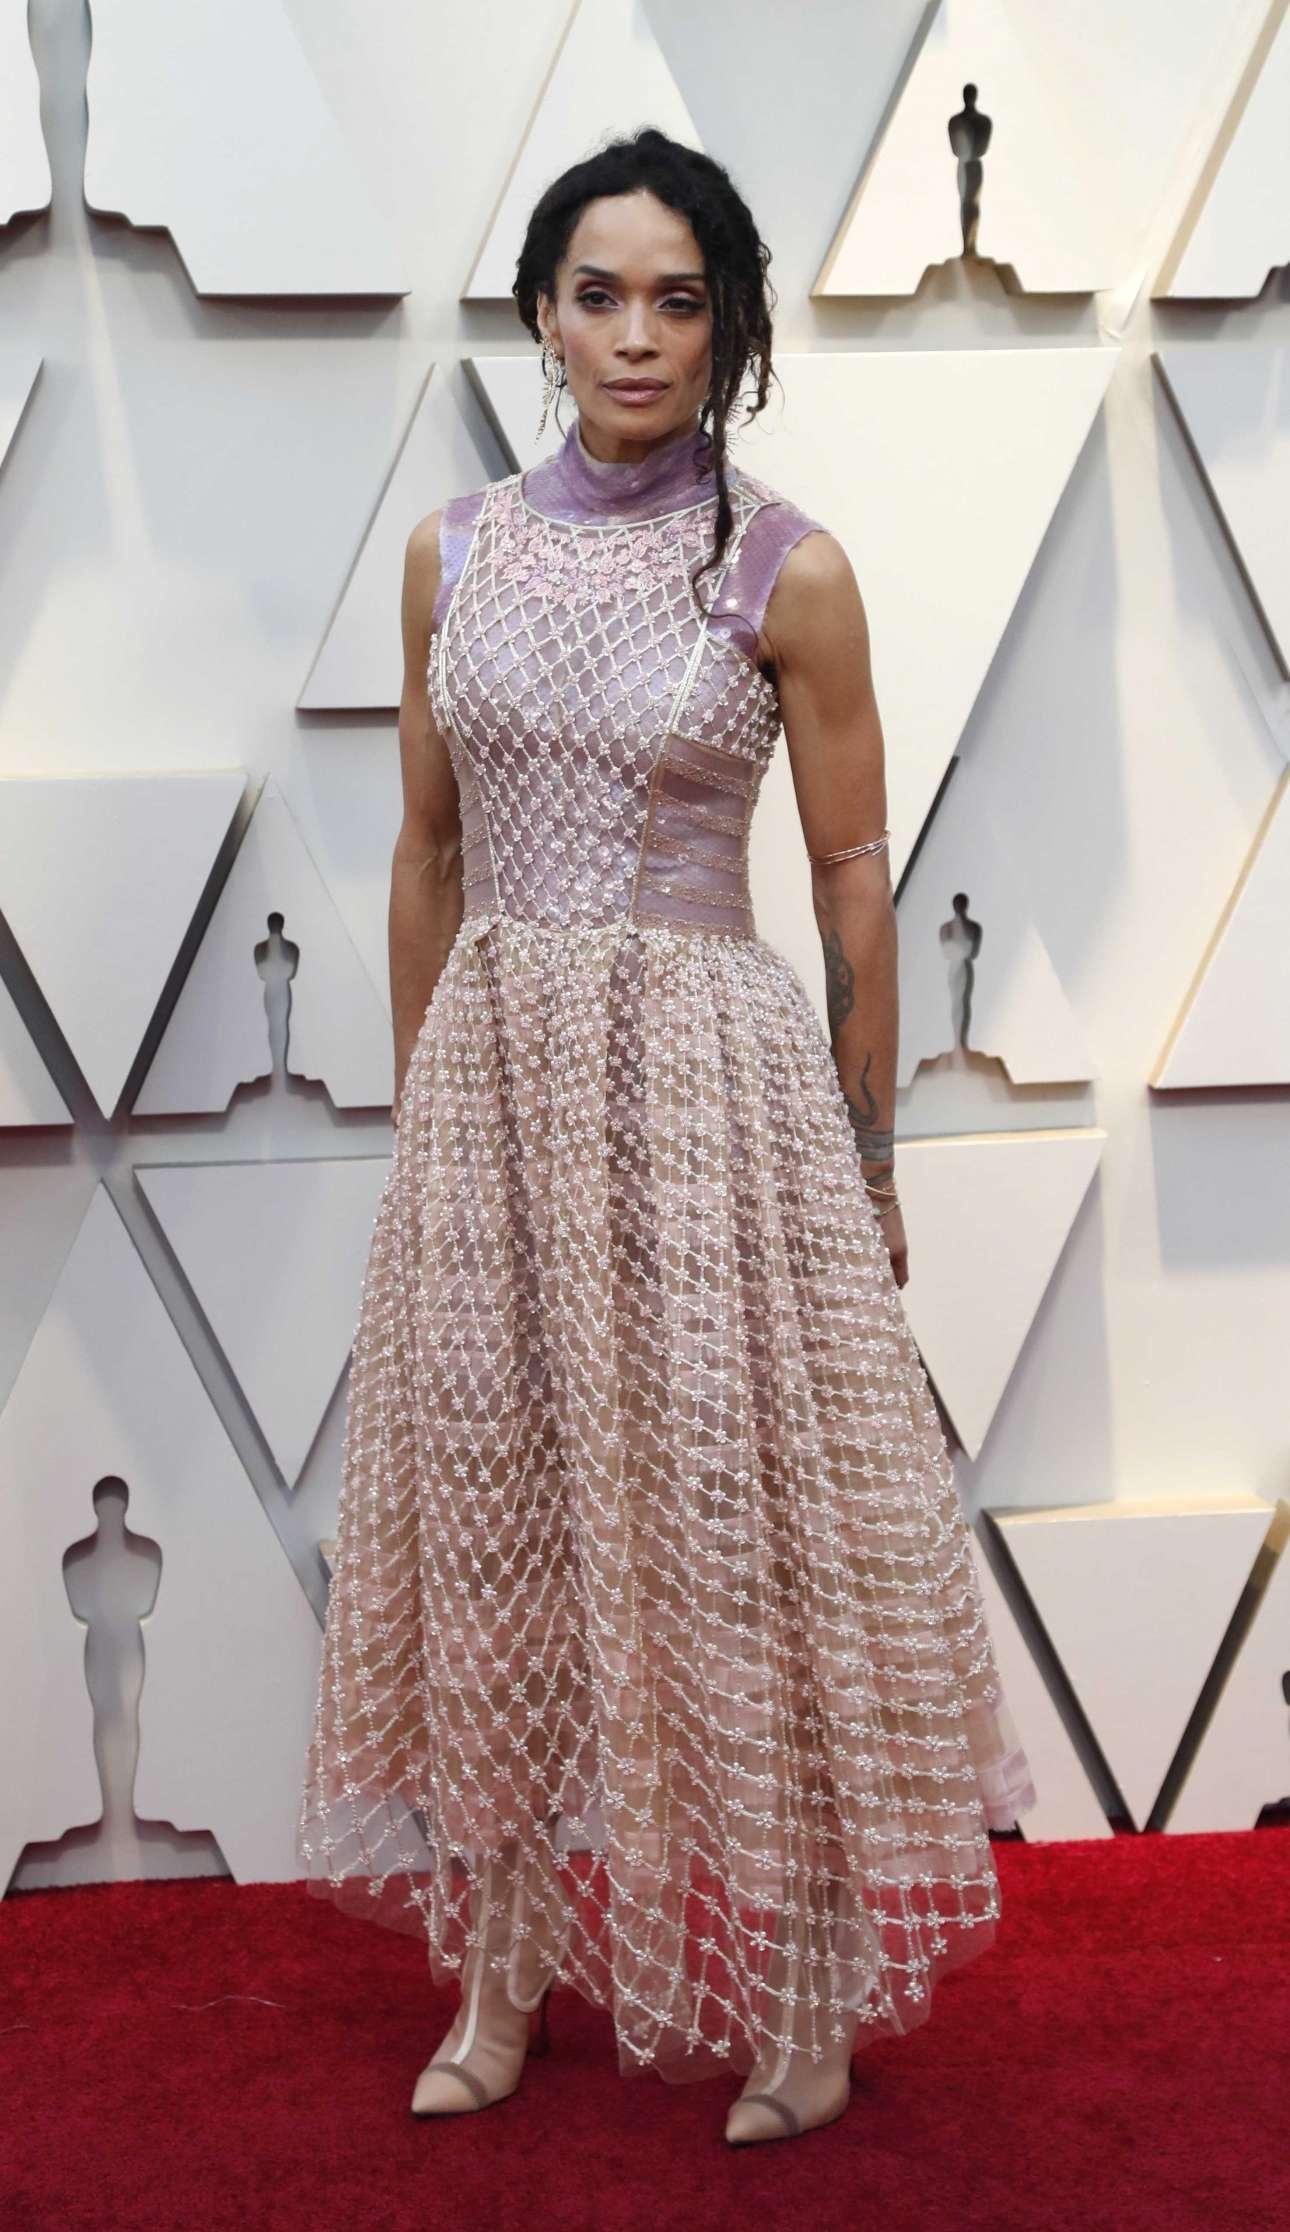 Ρομαντική και ταυτόχρονα ροκ η Λίζα Μπονέ φορώντας Fendi